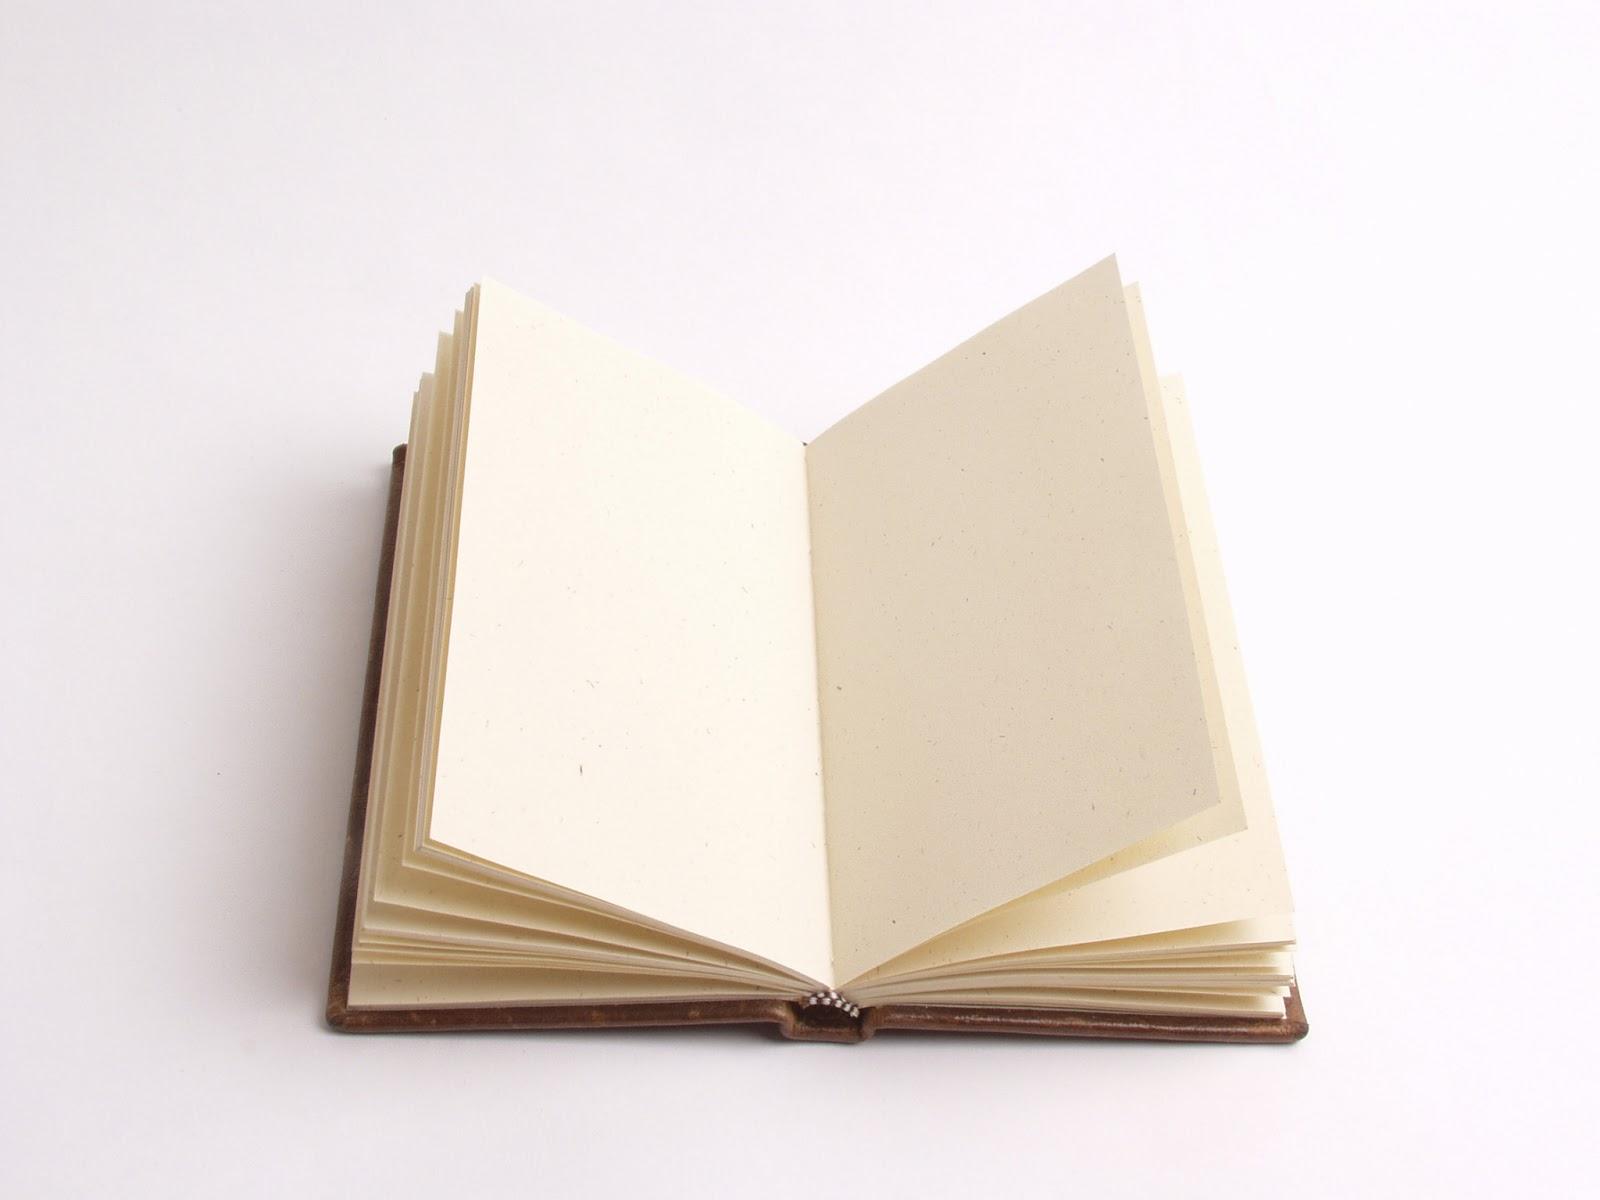 Perle nel tempo progetto vajra condivisione risorse gratuite incontri diogene tarocchi eremita libro